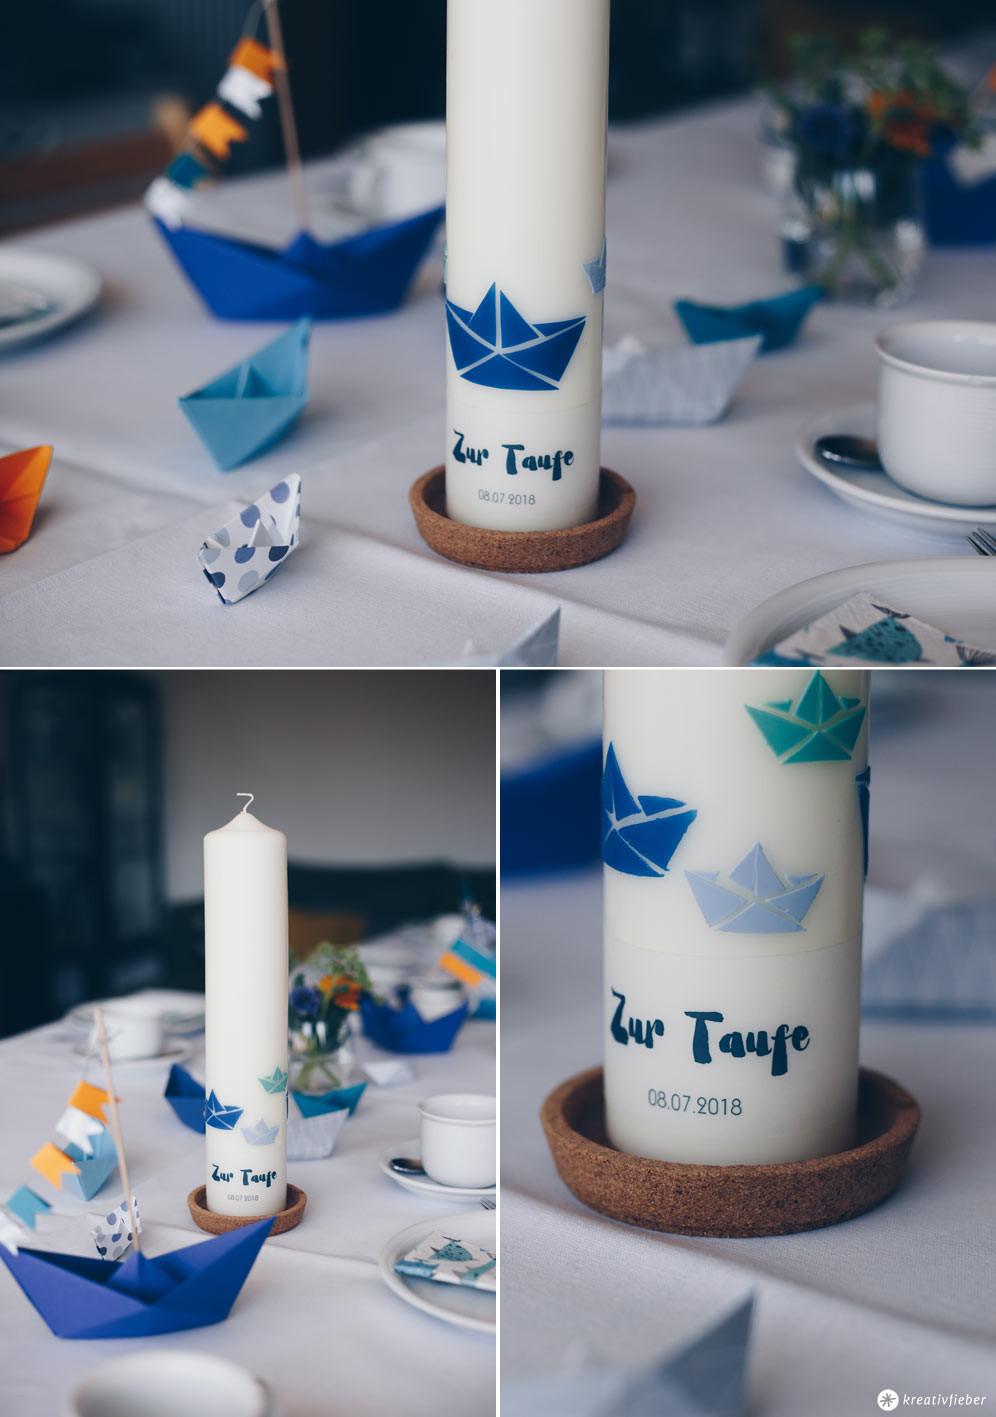 Diy Taufkerze  DIY Taufkerze selbermachen mit Origamibooten und Text